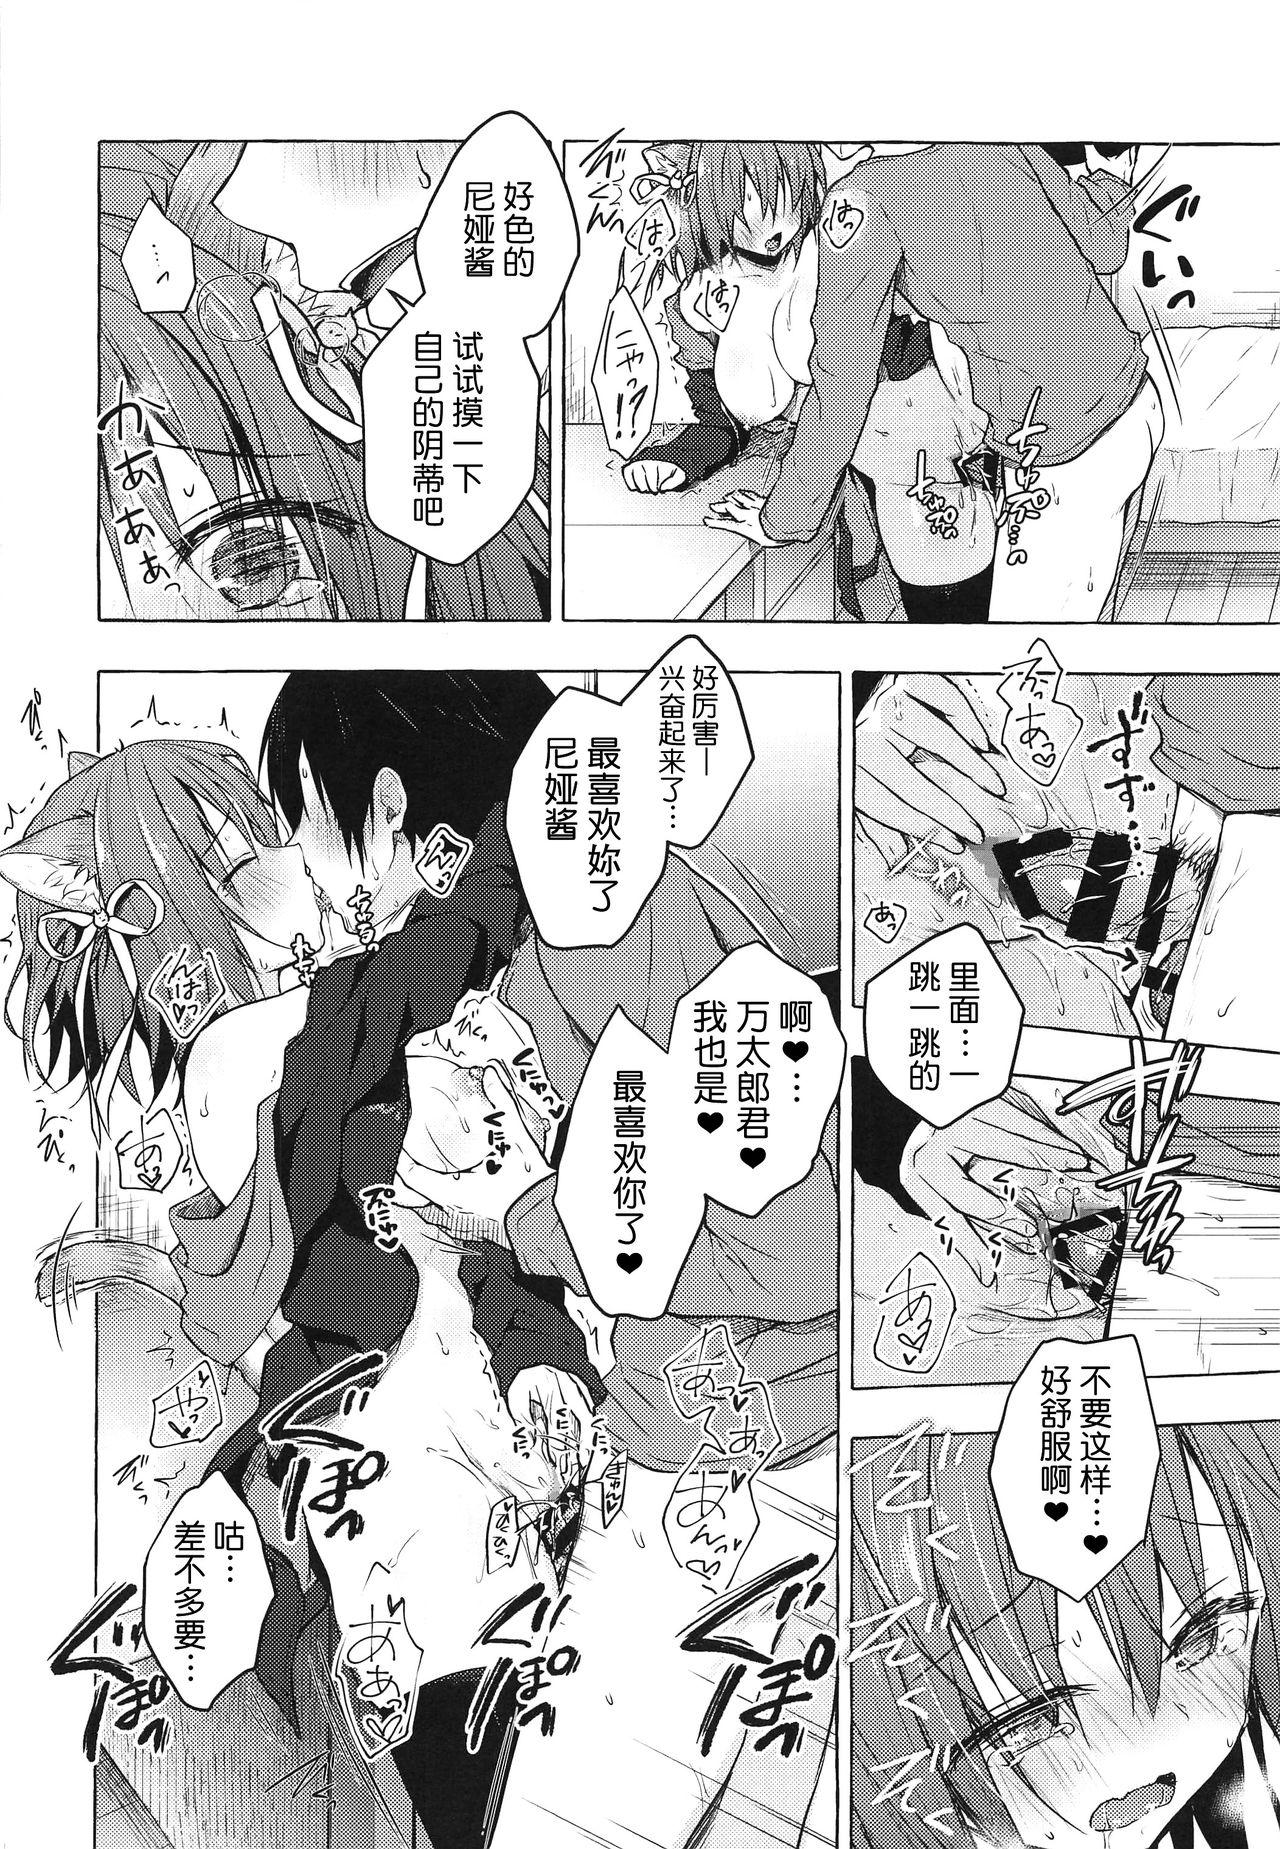 (COMIC1☆15) [KINOKONOMI (konomi)] Nyancology 8 -Otomari ni Kita Nekoda-san to no Himitsu- [Chinese] [路过的rlx个人练习汉化] 22